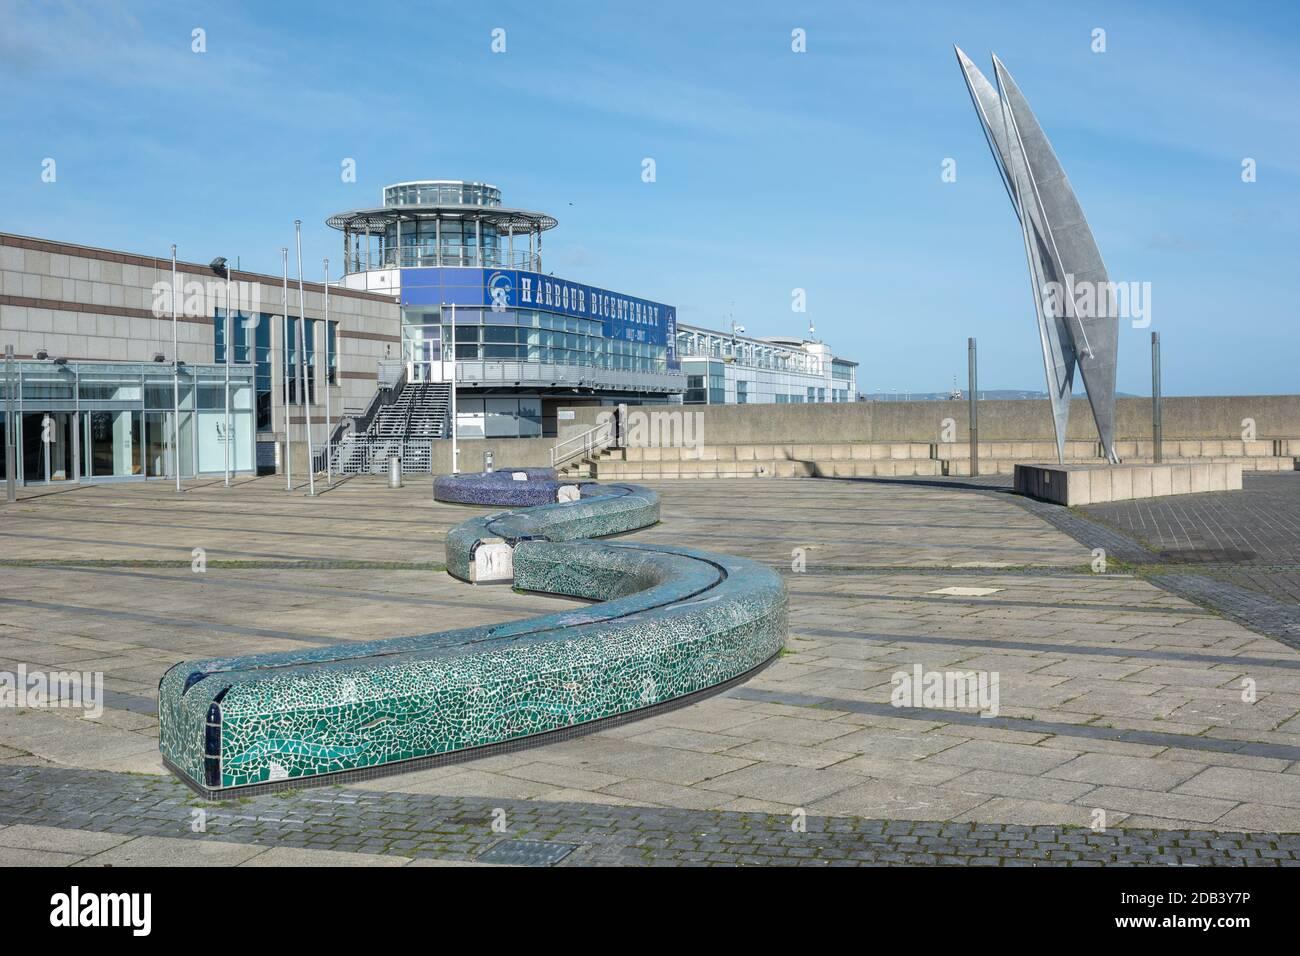 Espacio público y esculturas en la antigua terminal de ferry en Dun Laoghaire en el condado de Dublín, Irlanda Foto de stock